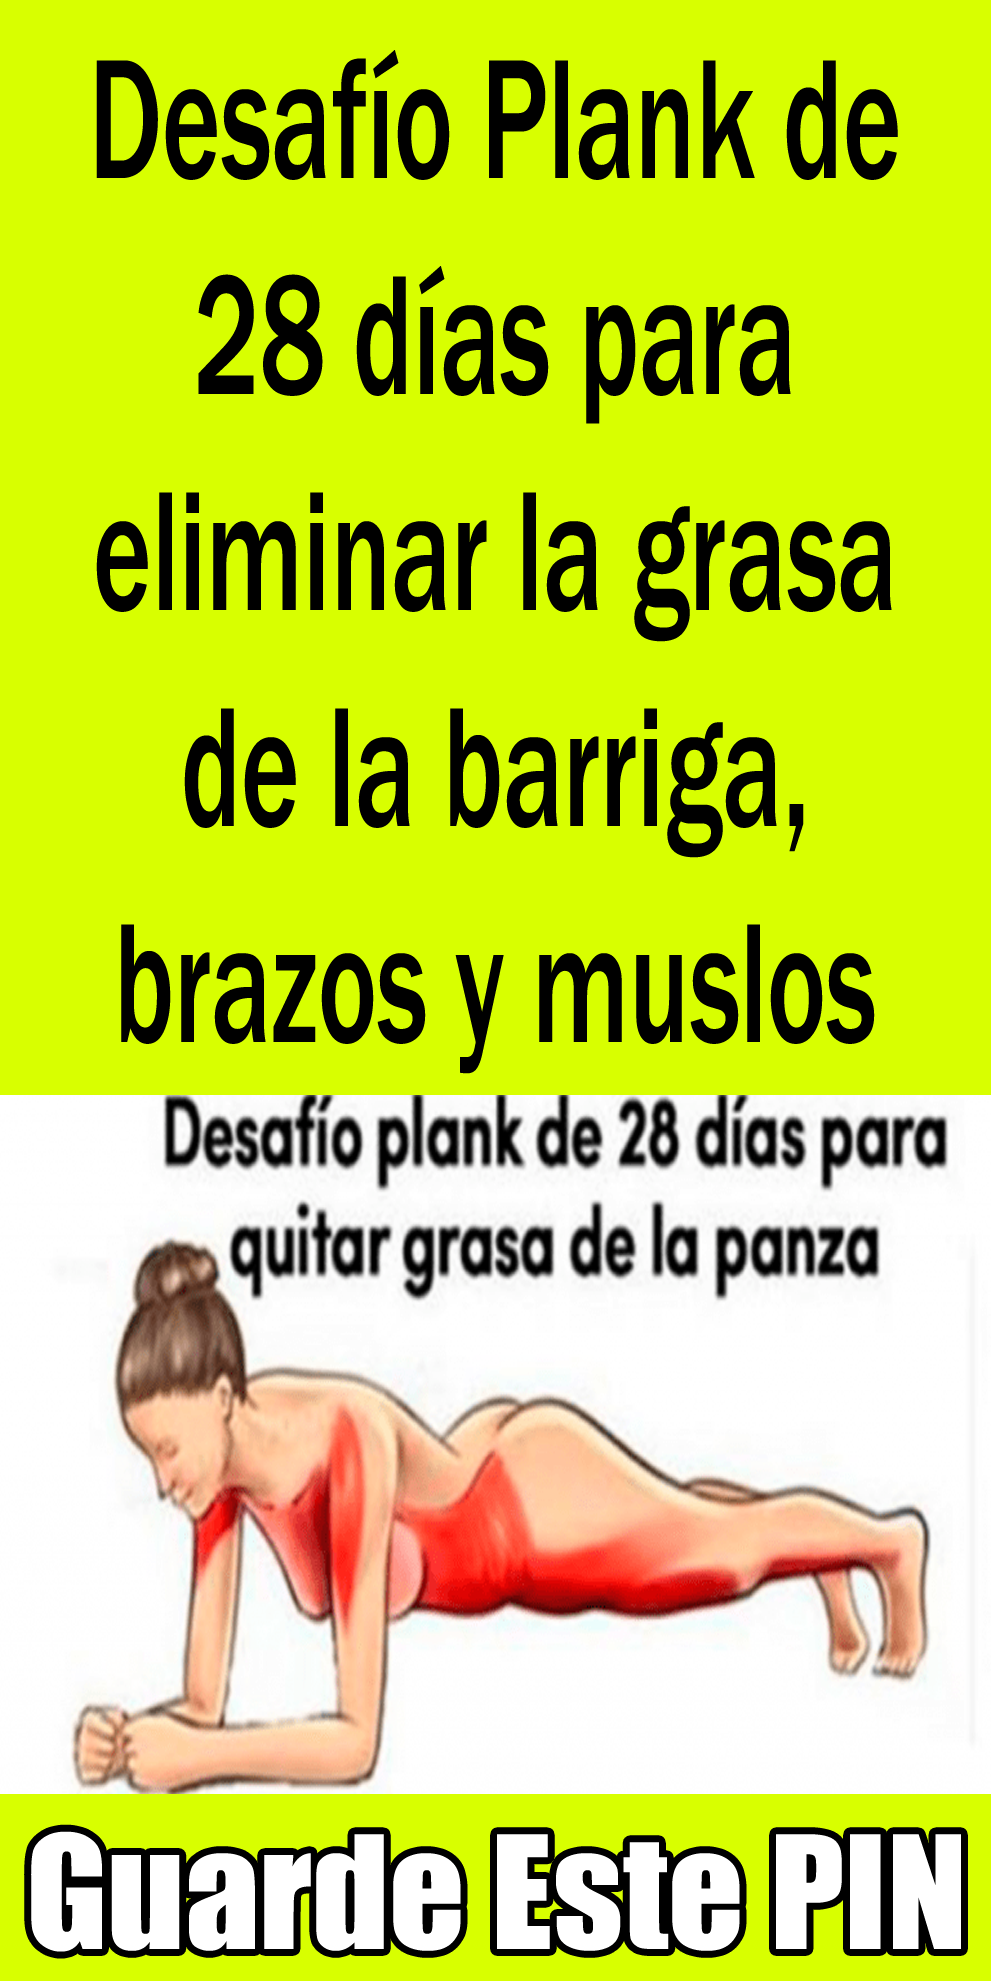 Desafío Plank De 28 Días Para Eliminar La Grasa De La Barriga Brazos Y Muslos Perder Grasa Abdominal Como Perder Grasa Abdominal Adelgazar Barriga